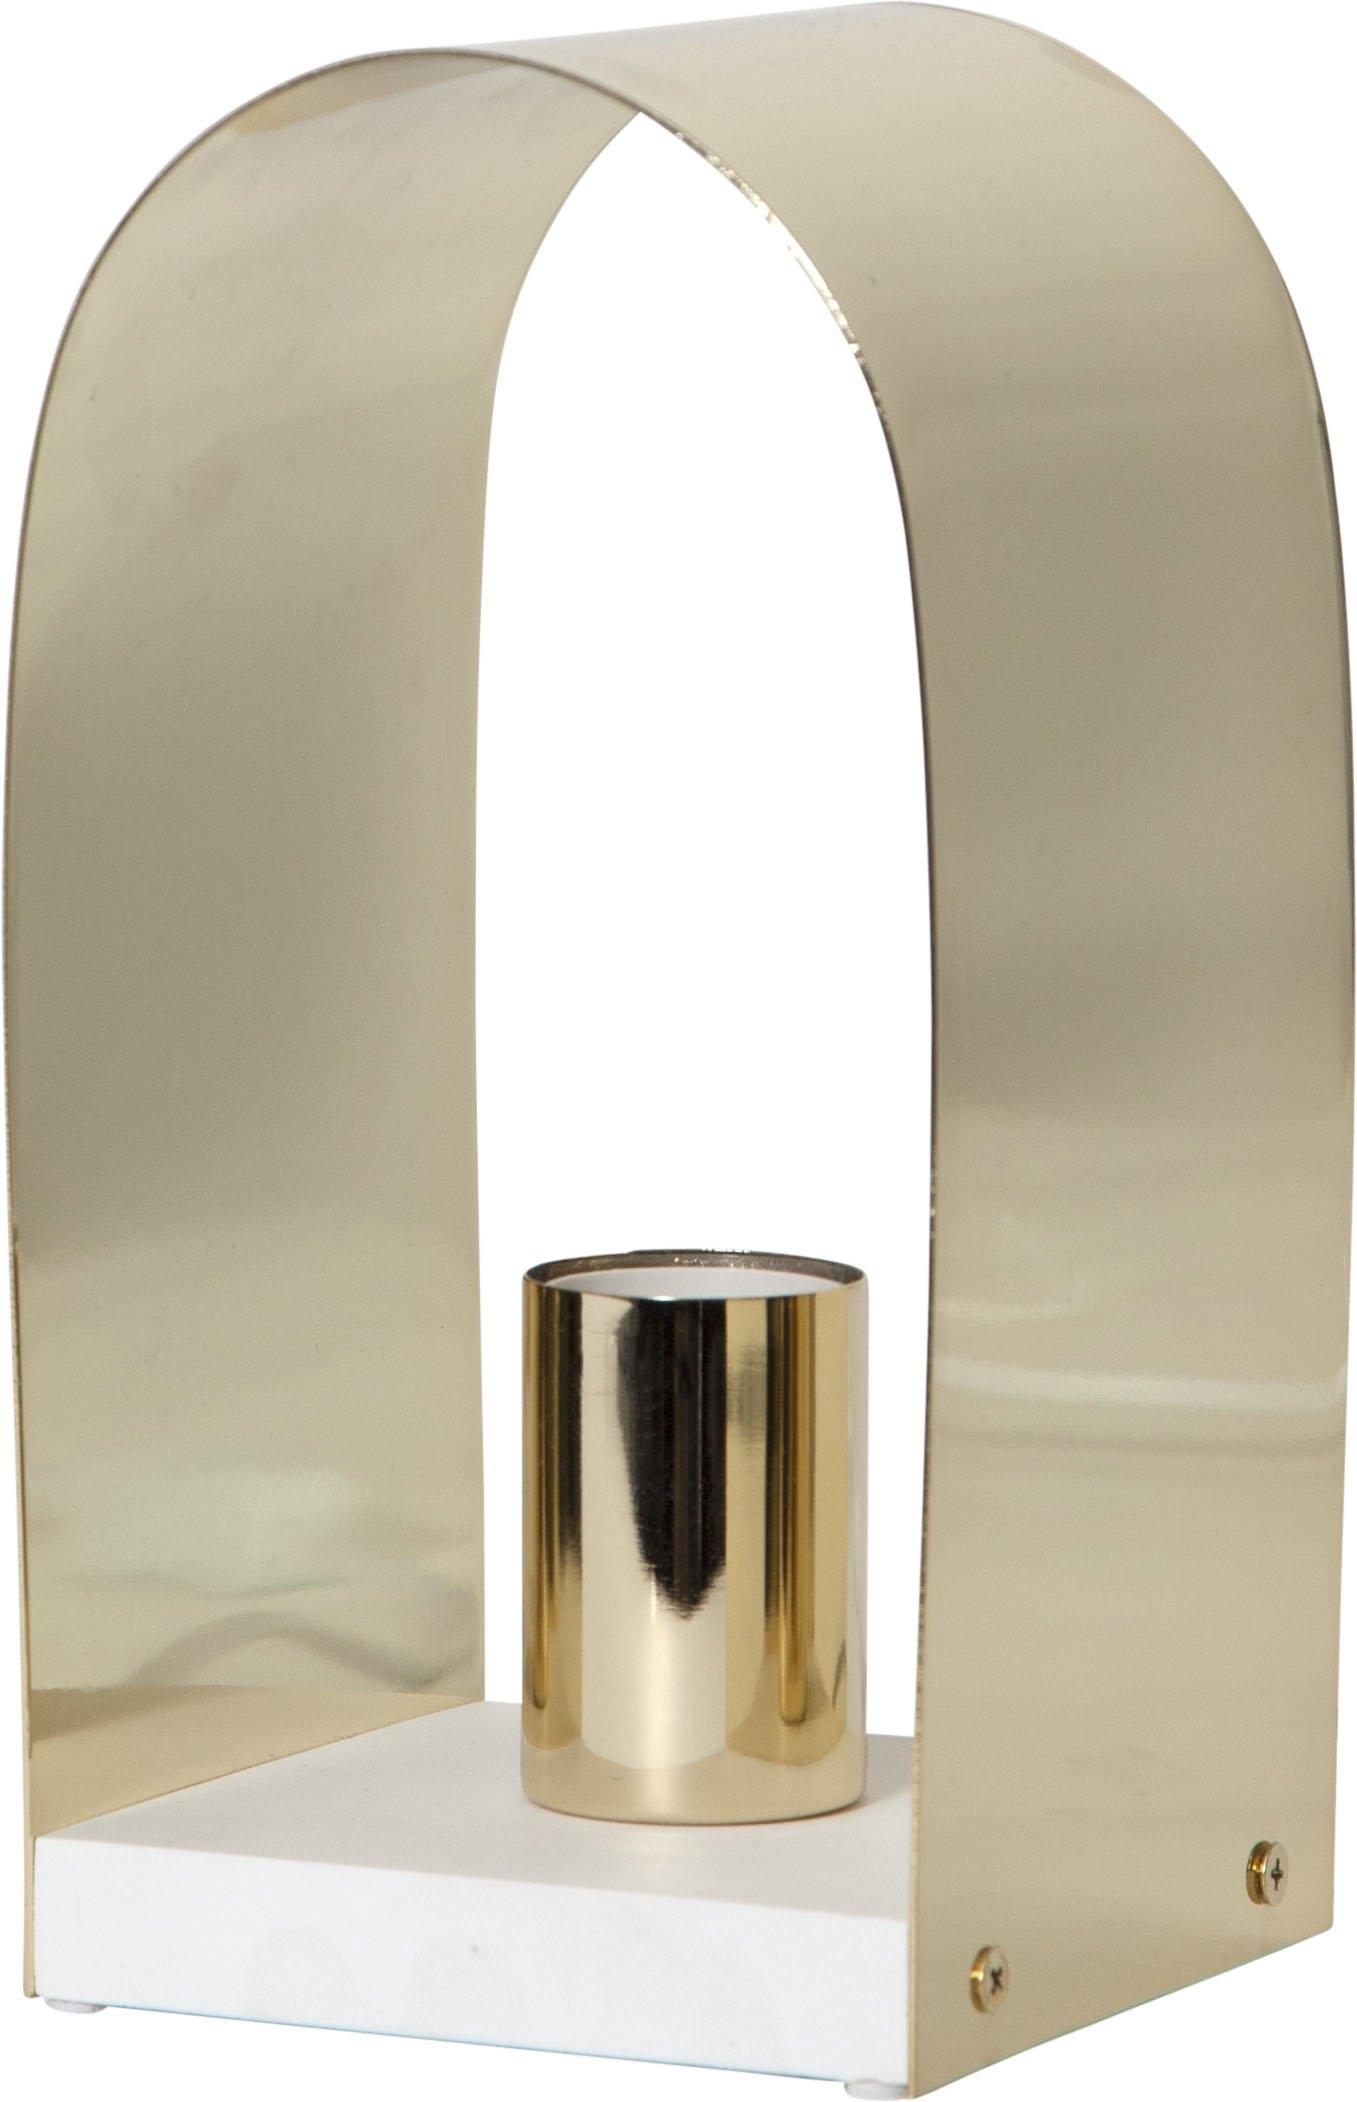 STAR TRADING tafellamp Nobel voordelig en veilig online kopen